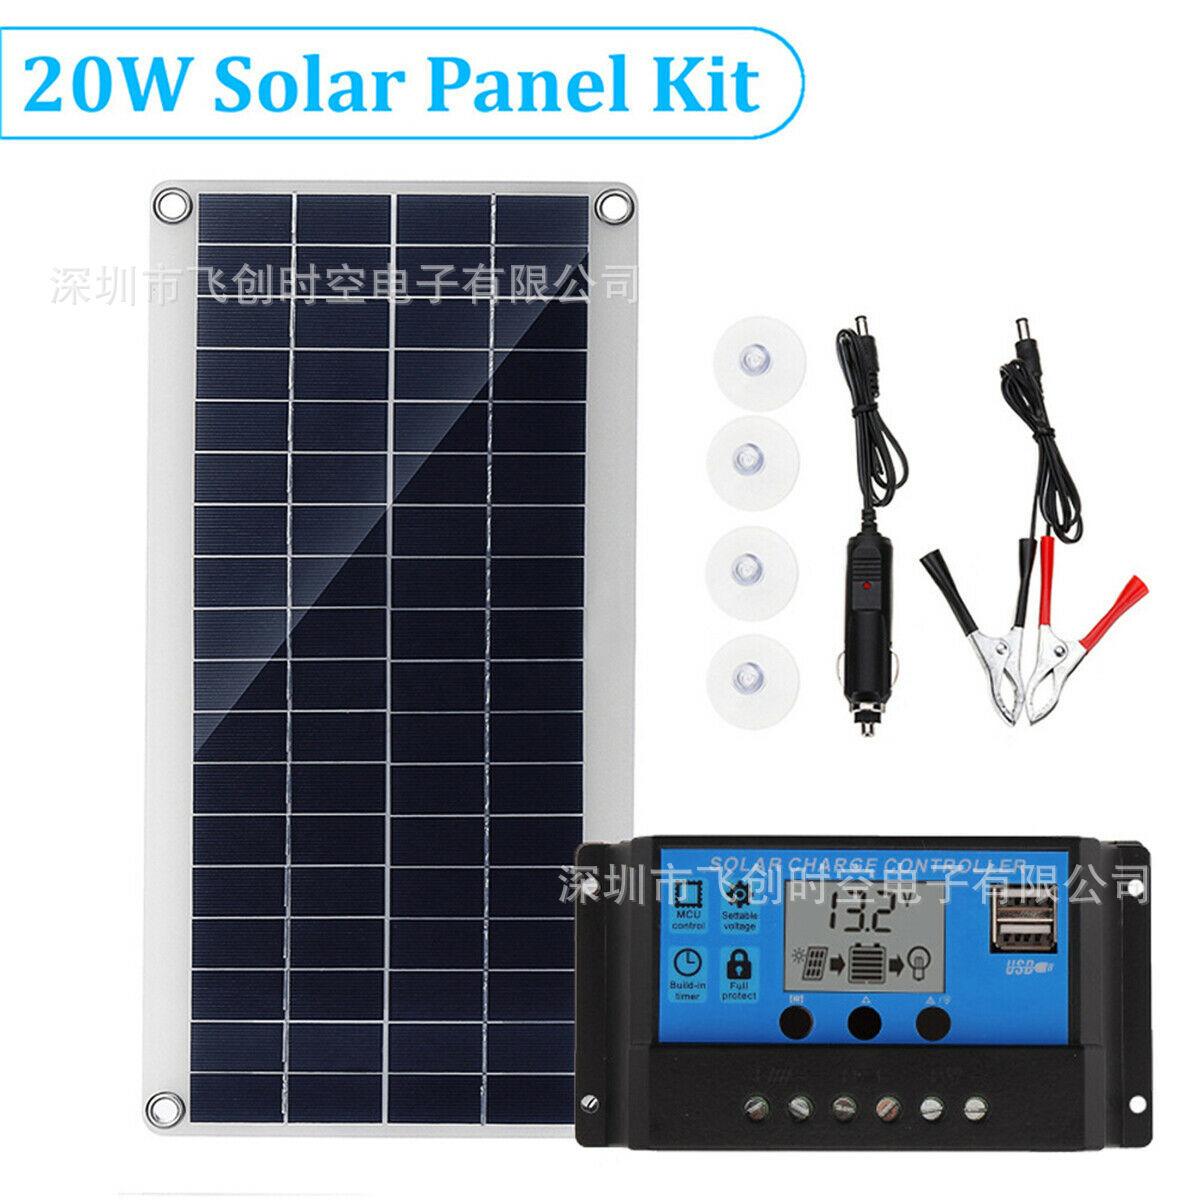 厂家直销20W多晶柔性太阳能发电板 便携式多用途手机充电太阳能板